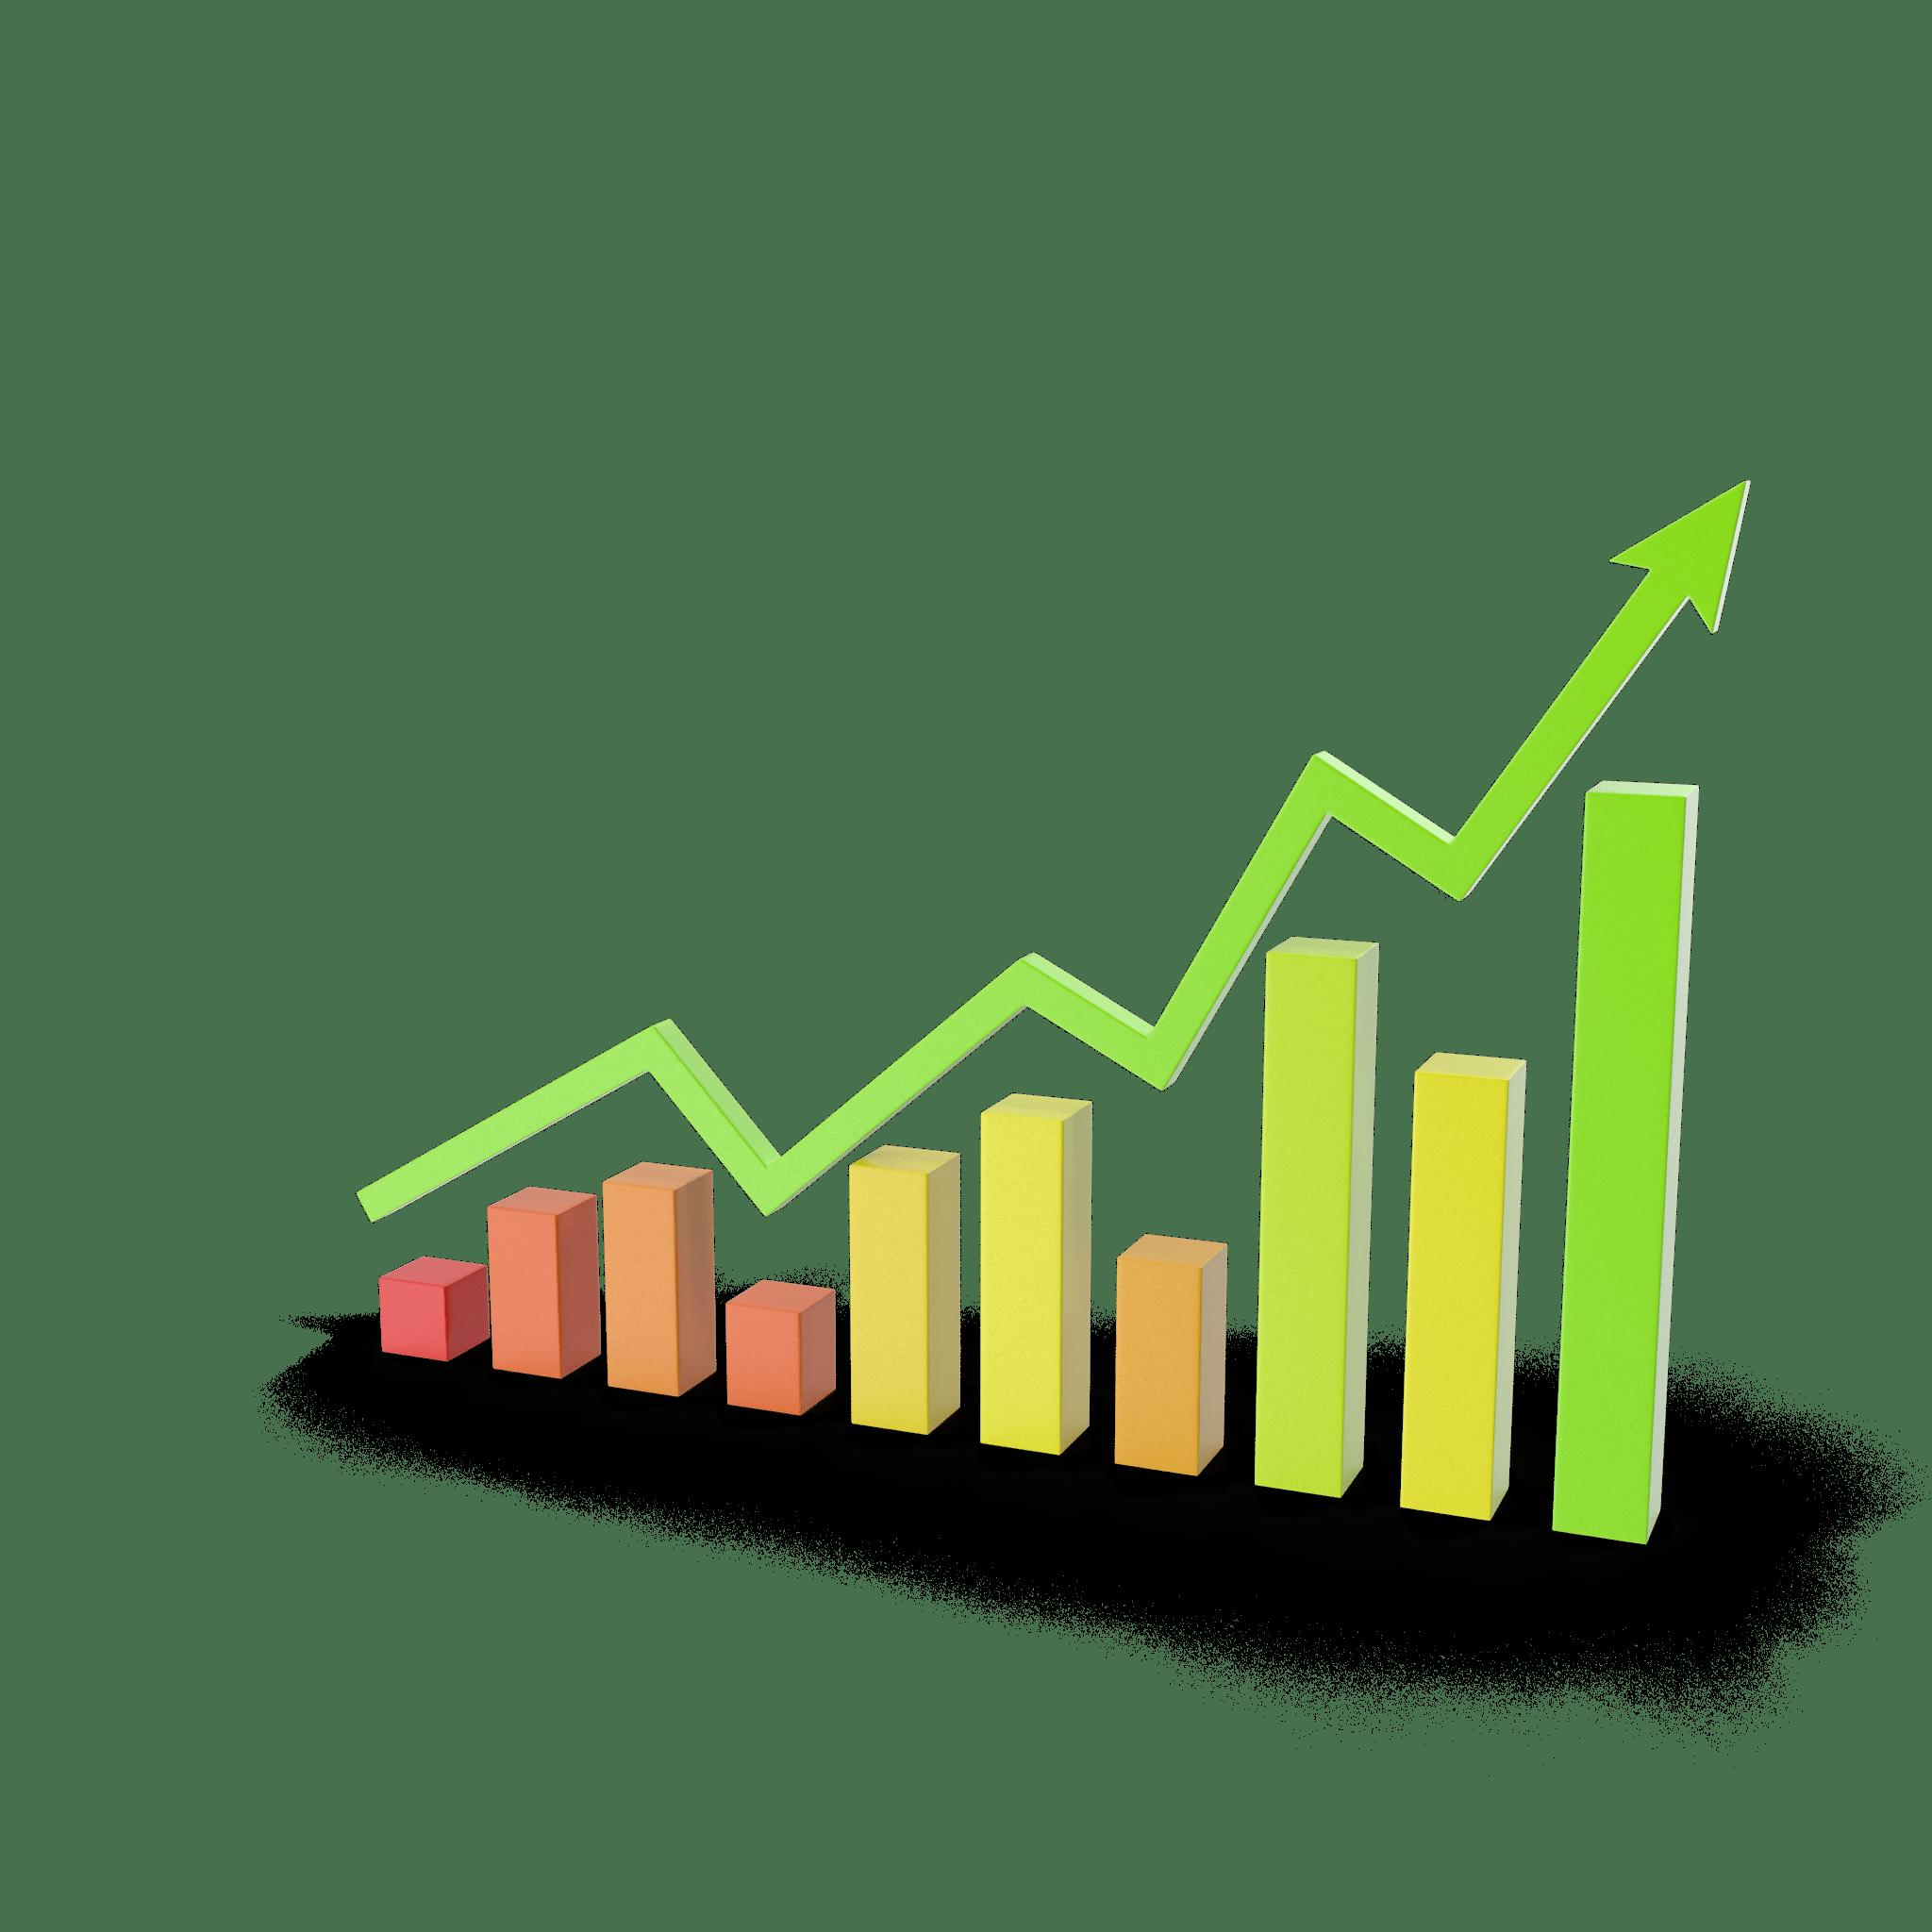 Cómo invertir como un profesional: análisis fundamental vs. técnico